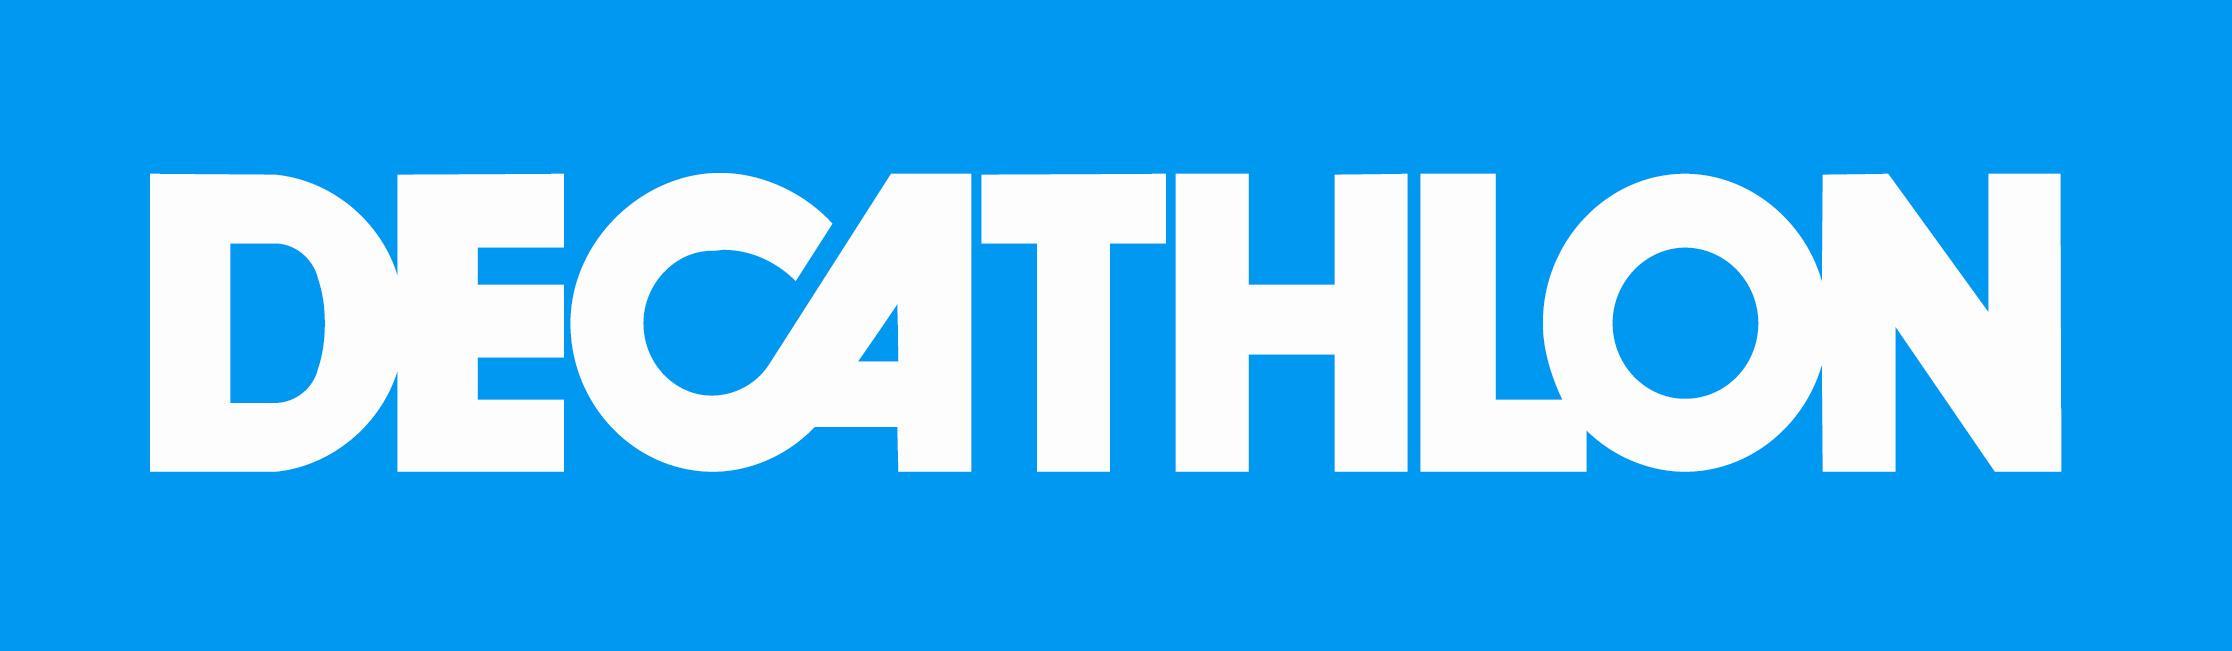 Decathlon: Sporting goods in Spain.